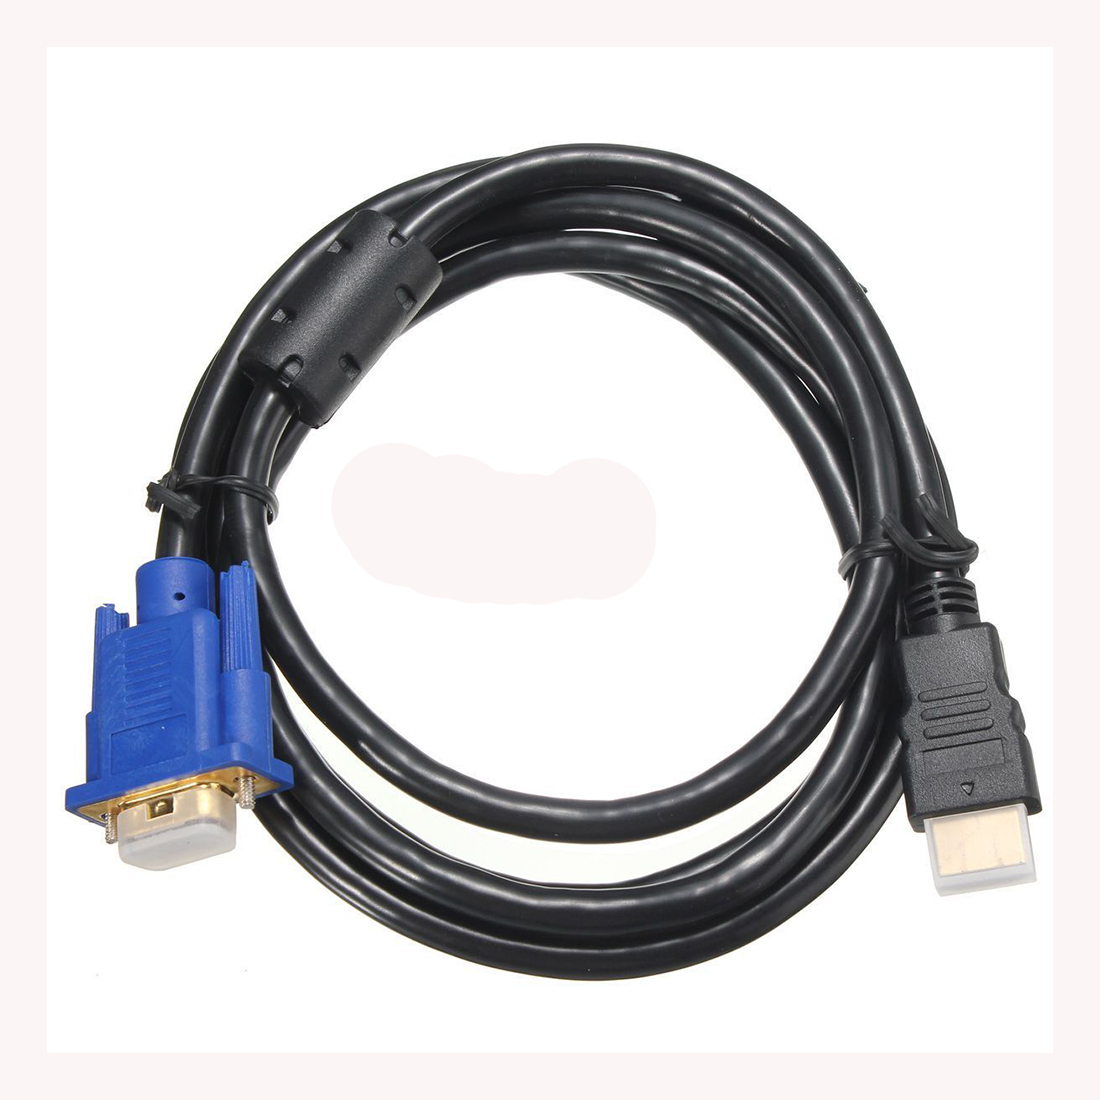 hdtv 1 8 m hdmi macho a vga cable adaptador cable conector para pc tv negro en de en aliexpress com alibaba group [ 1100 x 1100 Pixel ]